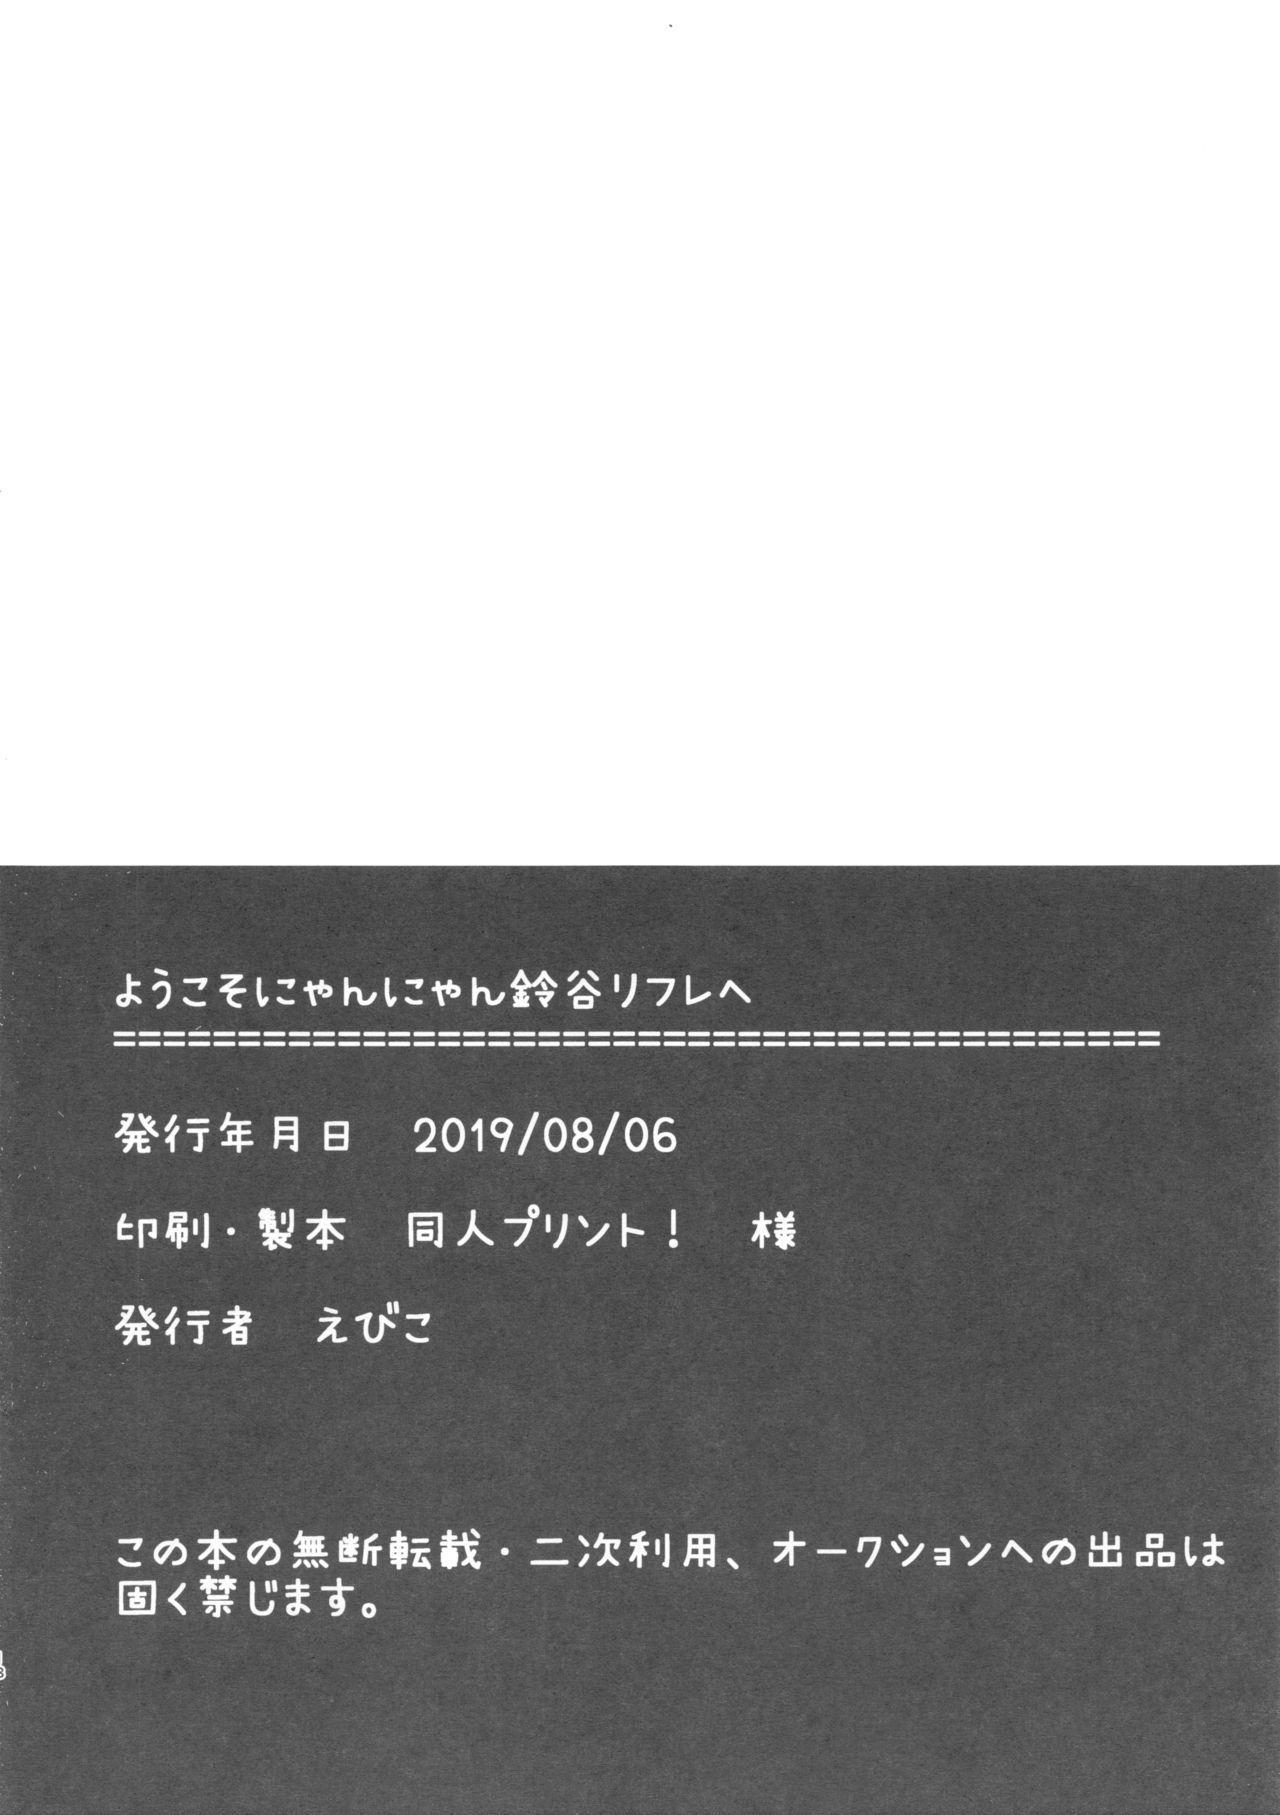 Youkoso Nyan Nyan Suzuya Refle e - Welcome to Suzuya's reflexology 16